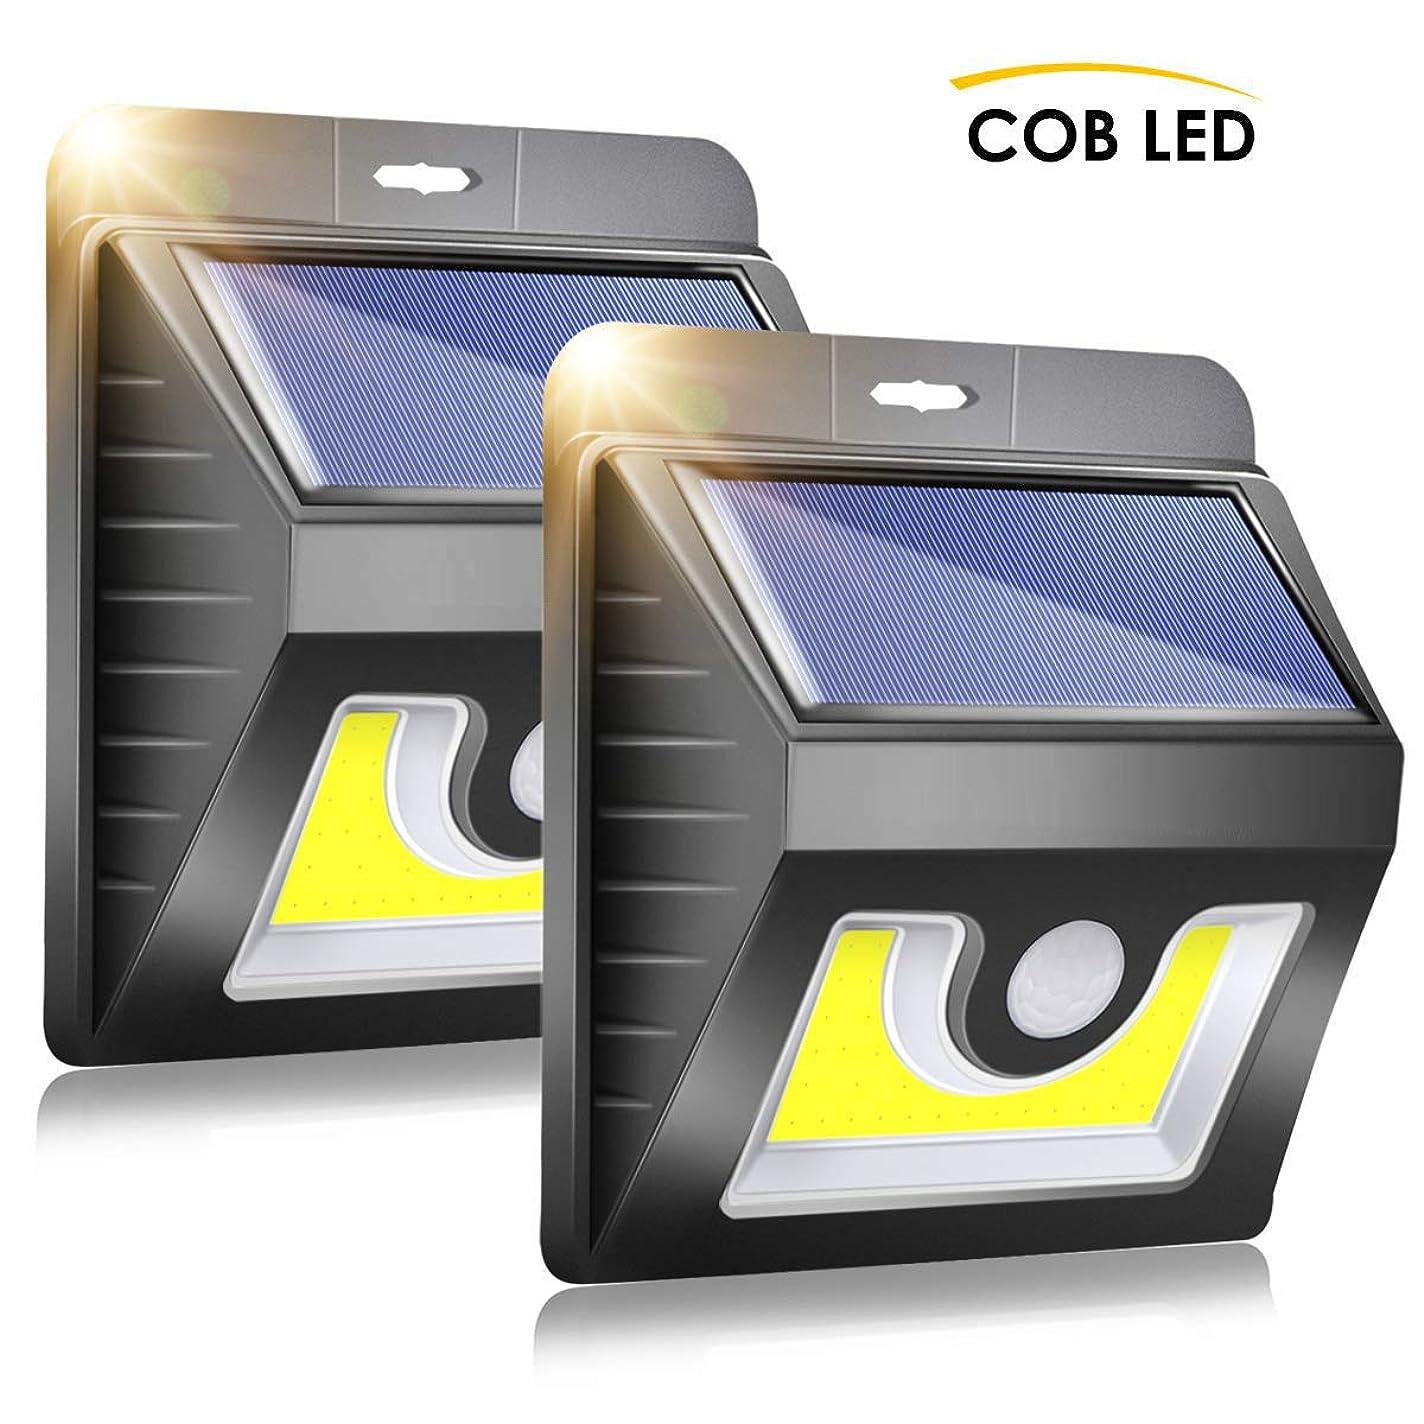 慈善分析的なアラートソーラーライト センサーライト 屋外 ウォールライト 人感センサー 自動点灯 COB LEDライト 3つ点灯モード ホワイト IP65防水 防犯 太陽発電 屋外照明(2個セット)-B-right